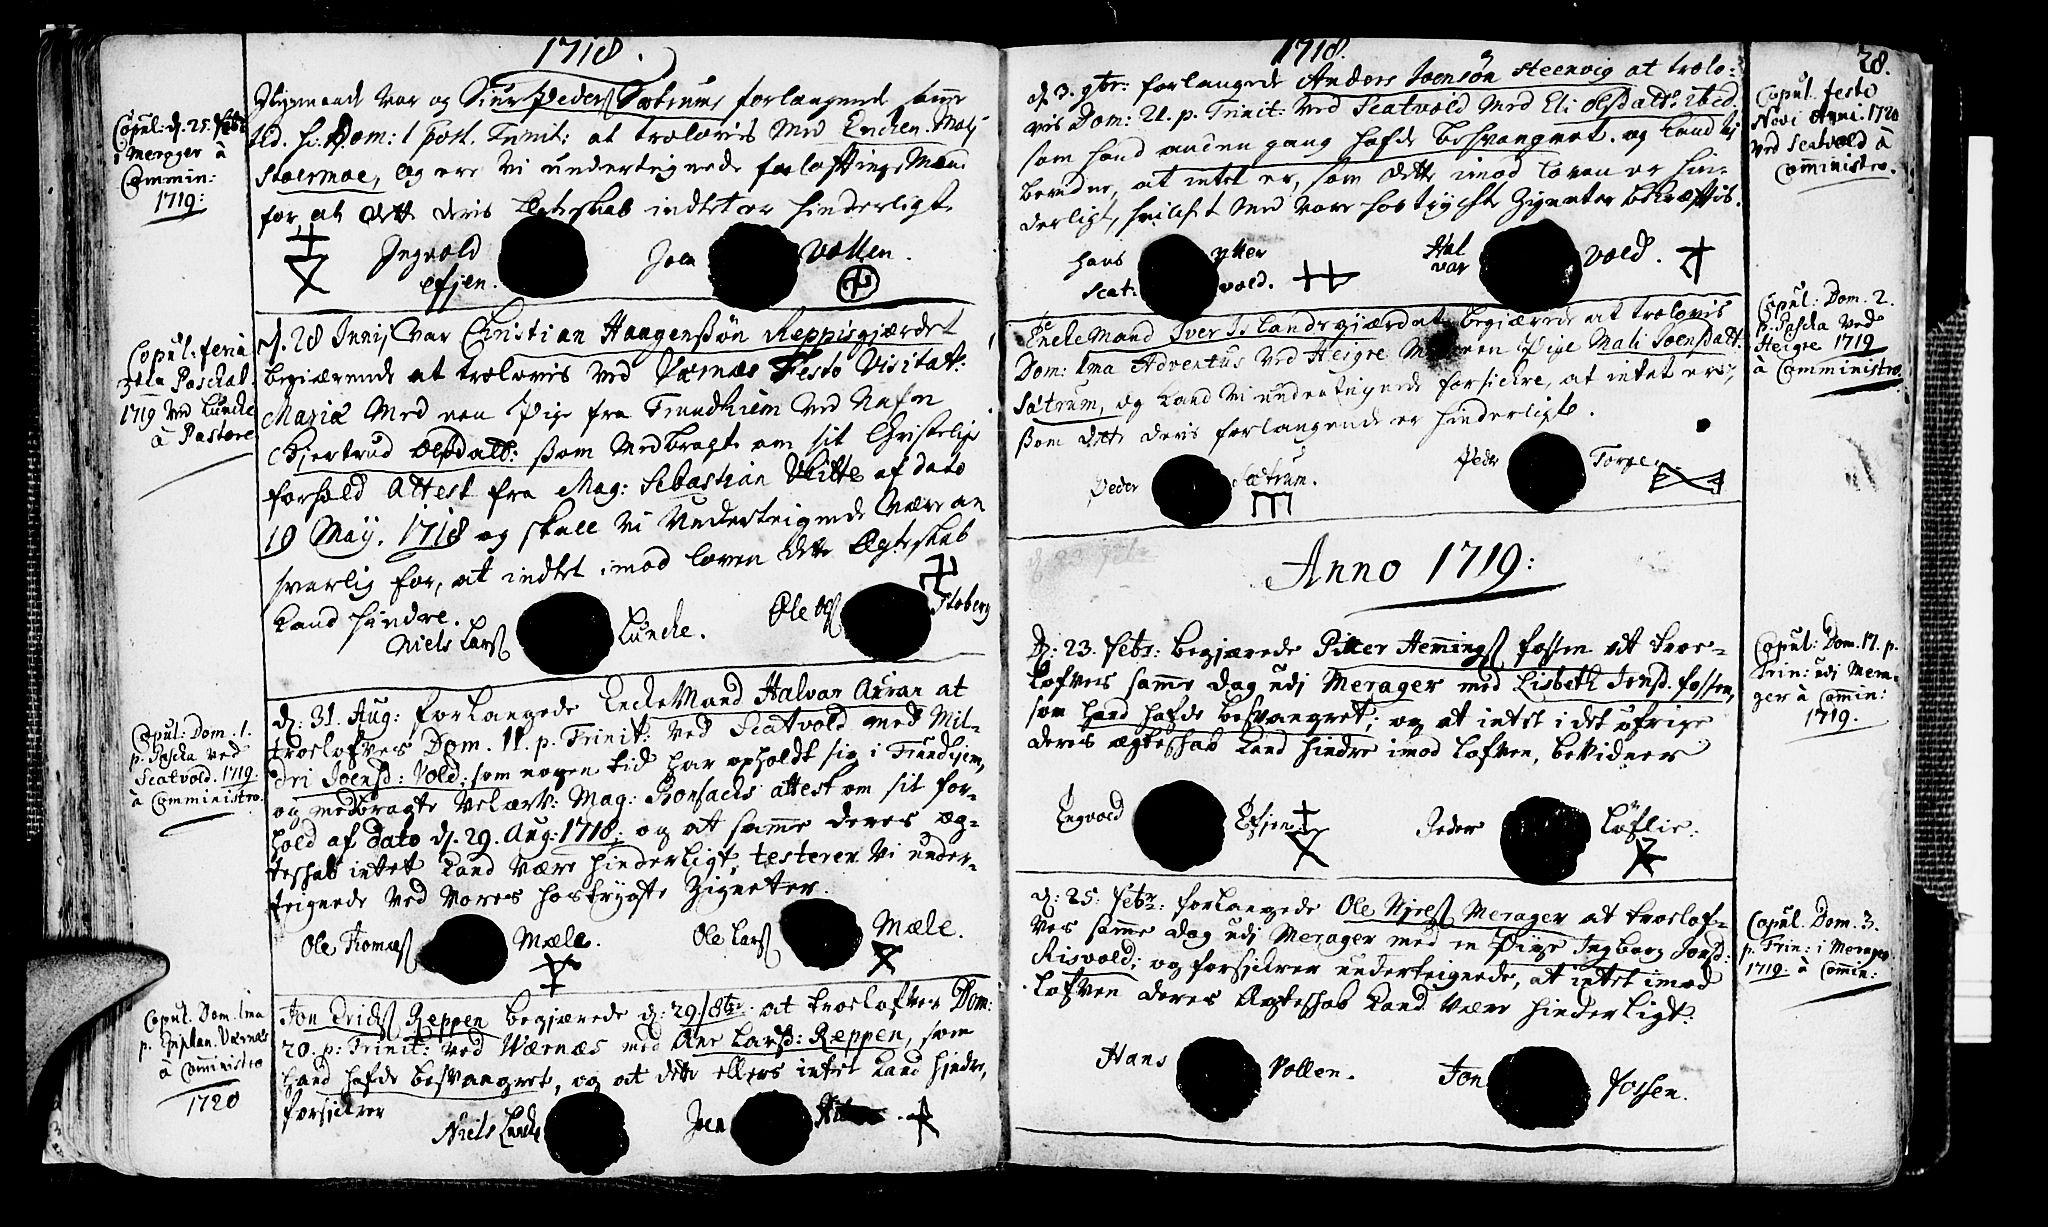 SAT, Ministerialprotokoller, klokkerbøker og fødselsregistre - Nord-Trøndelag, 709/L0053: Ministerialbok nr. 709A01, 1714-1729, s. 28